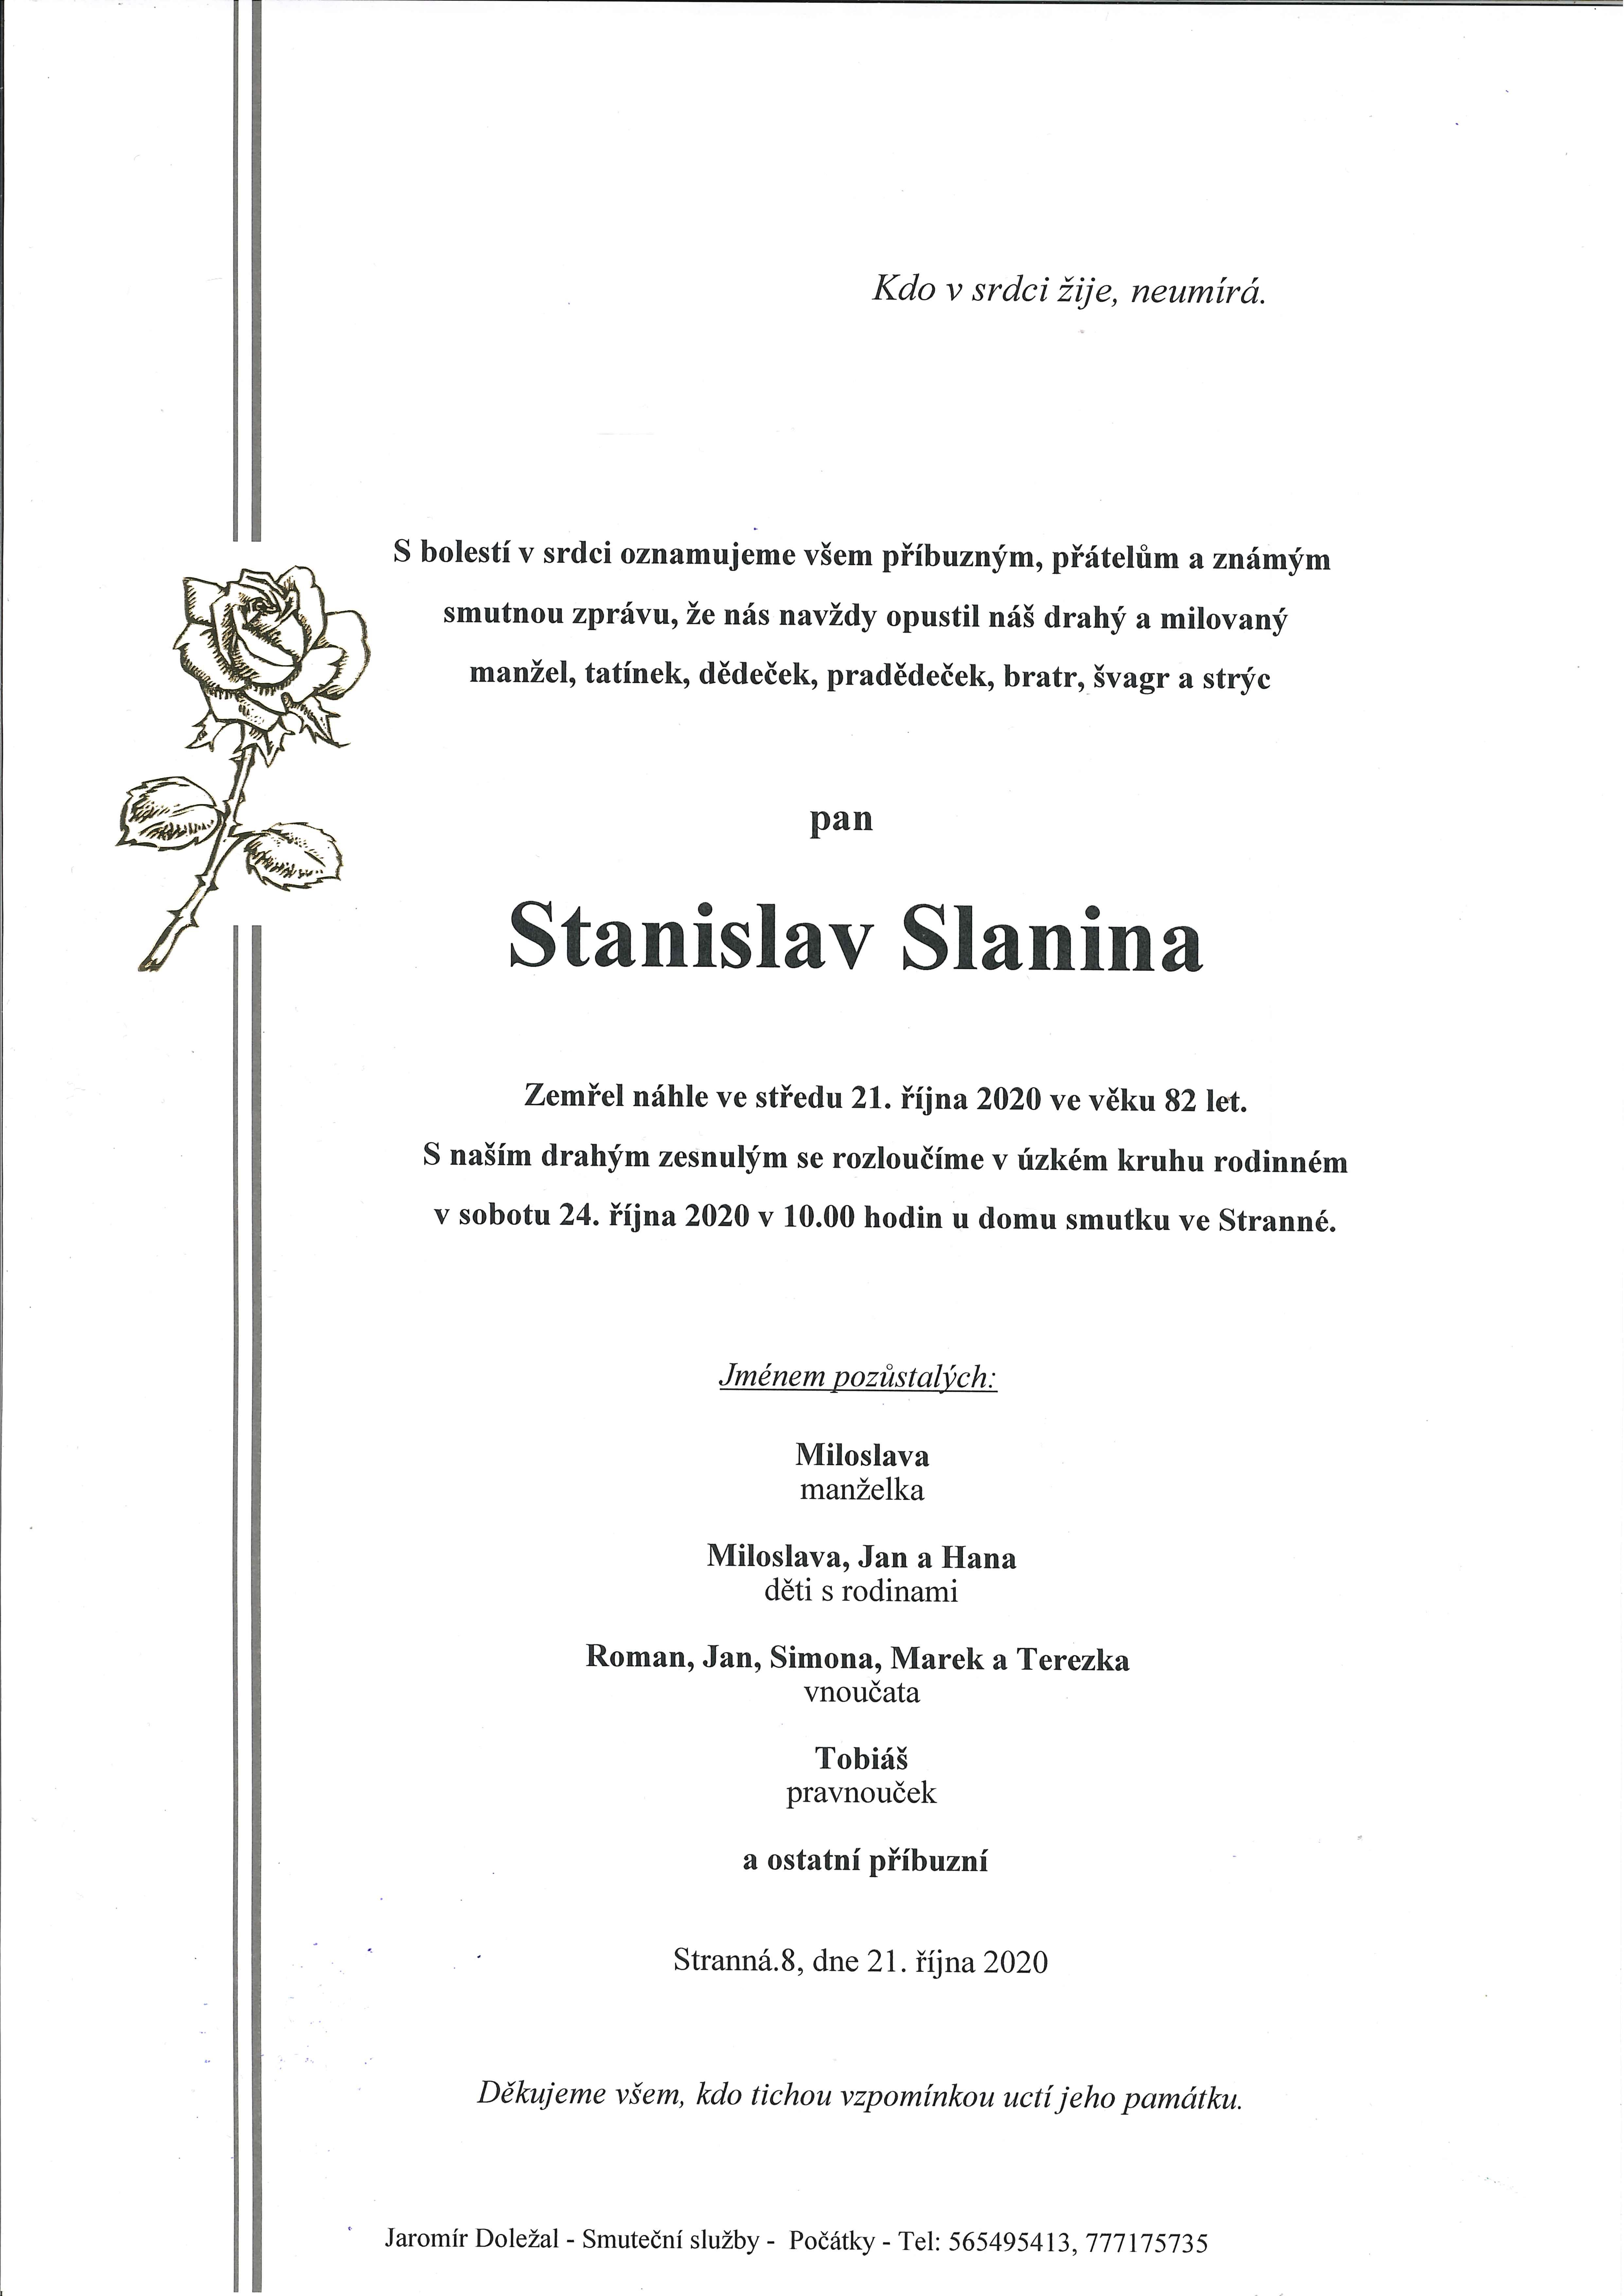 Stanislav Slanina